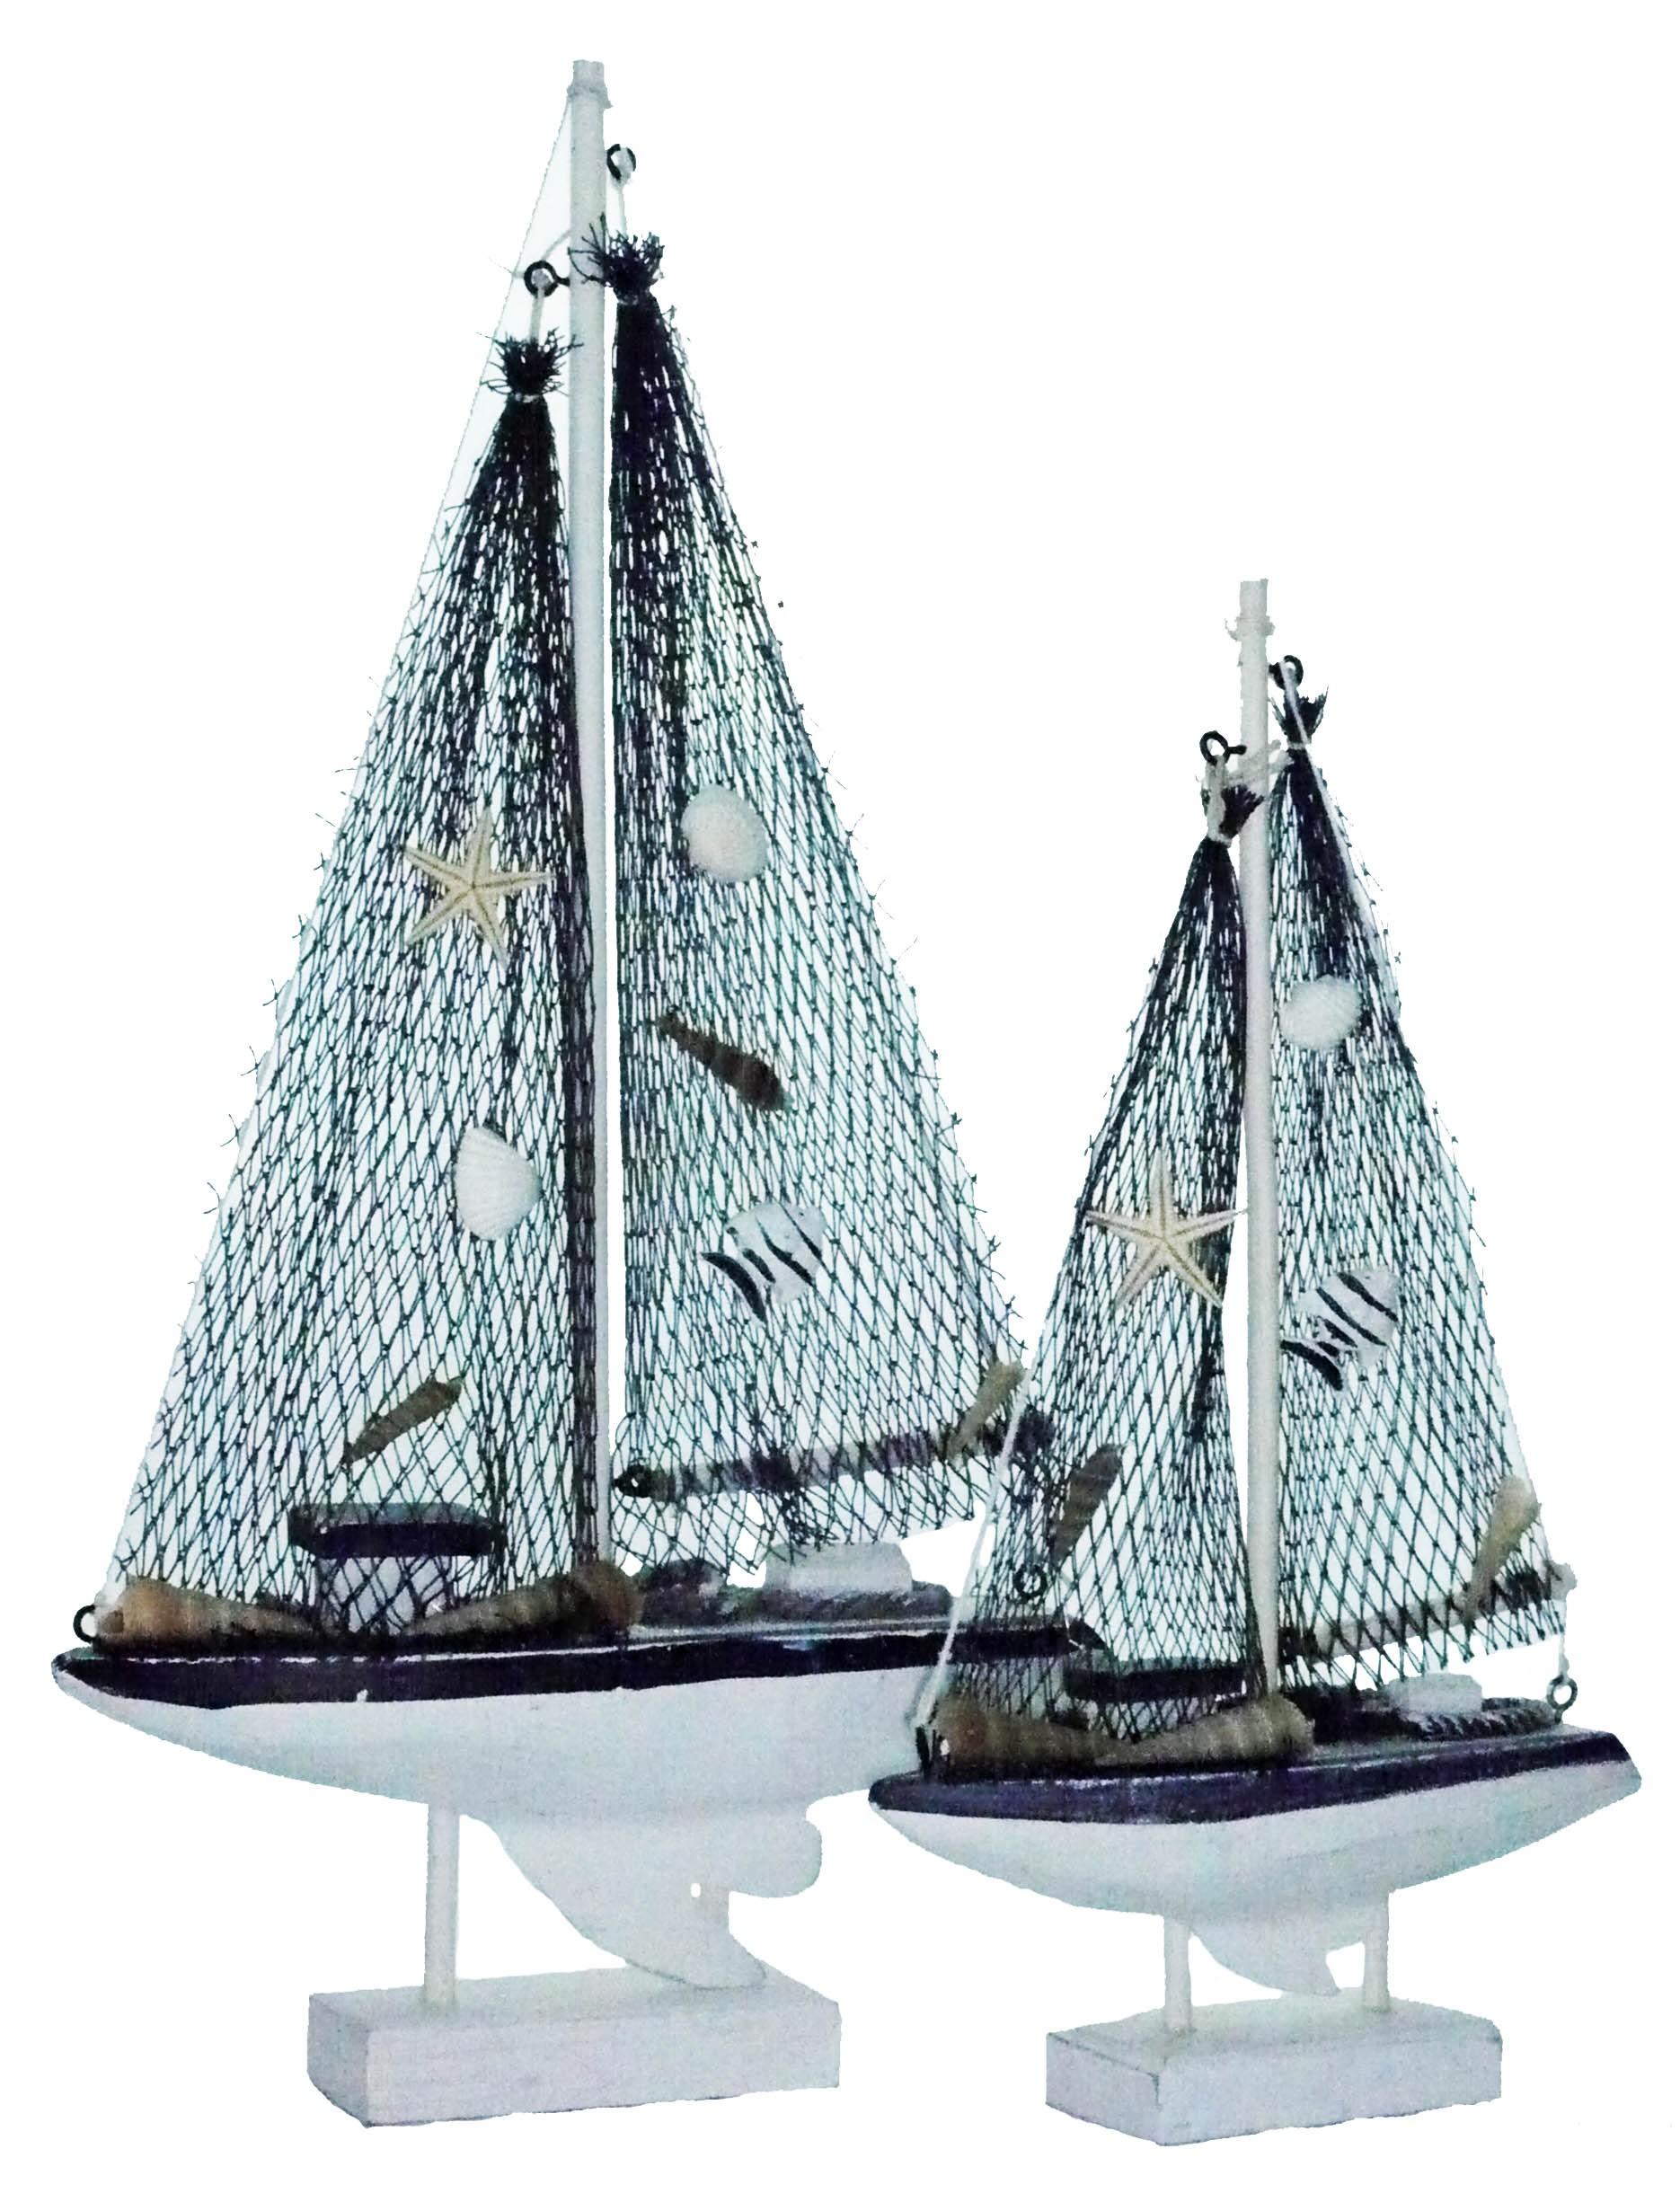 achat maquette voilier deco pas cher - avenue de la plage